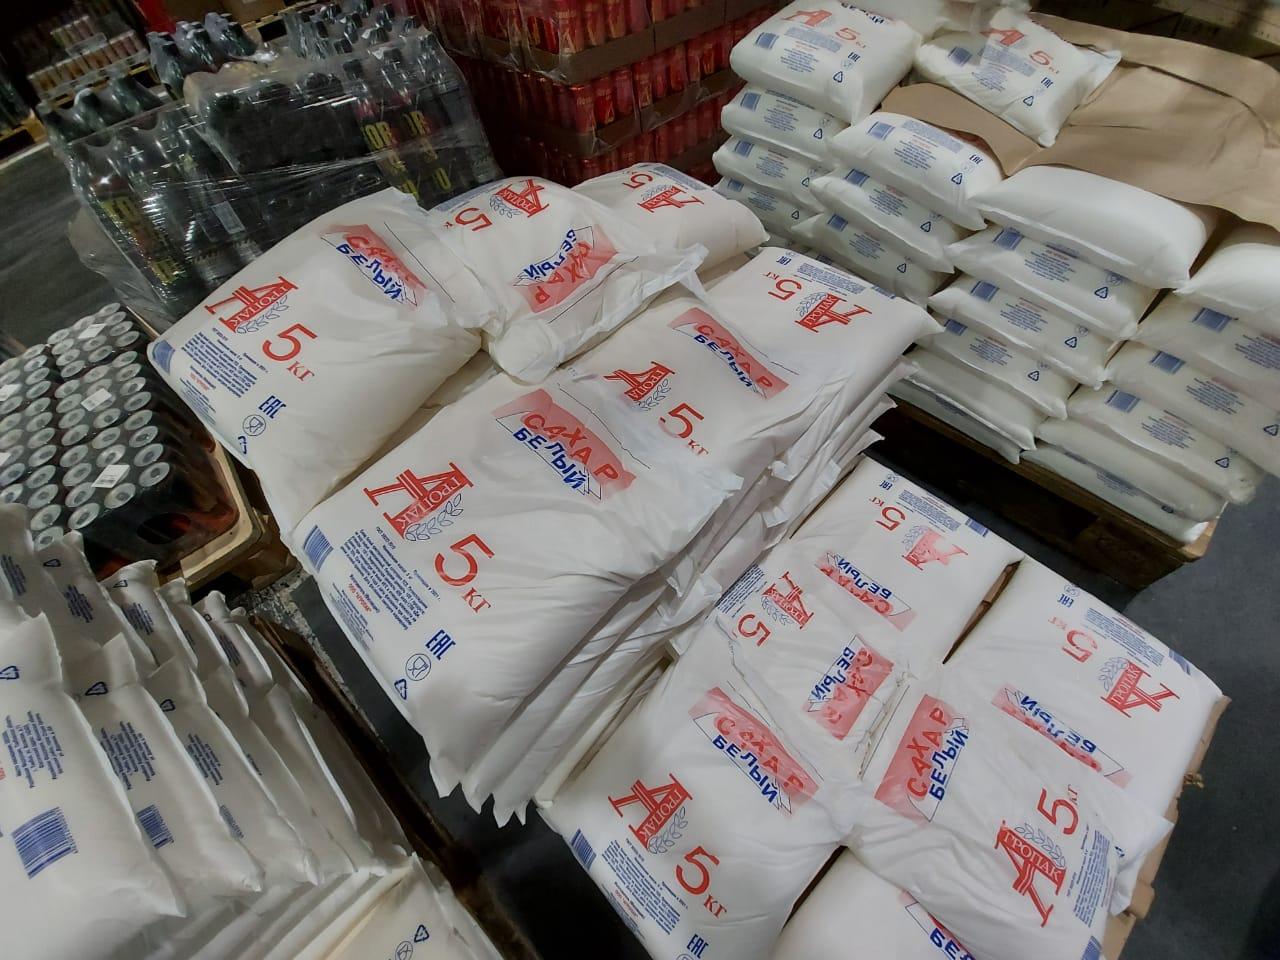 Ярославские торговые сети подписали соглашение о стабилизации цен на сахар и подсолнечное масло